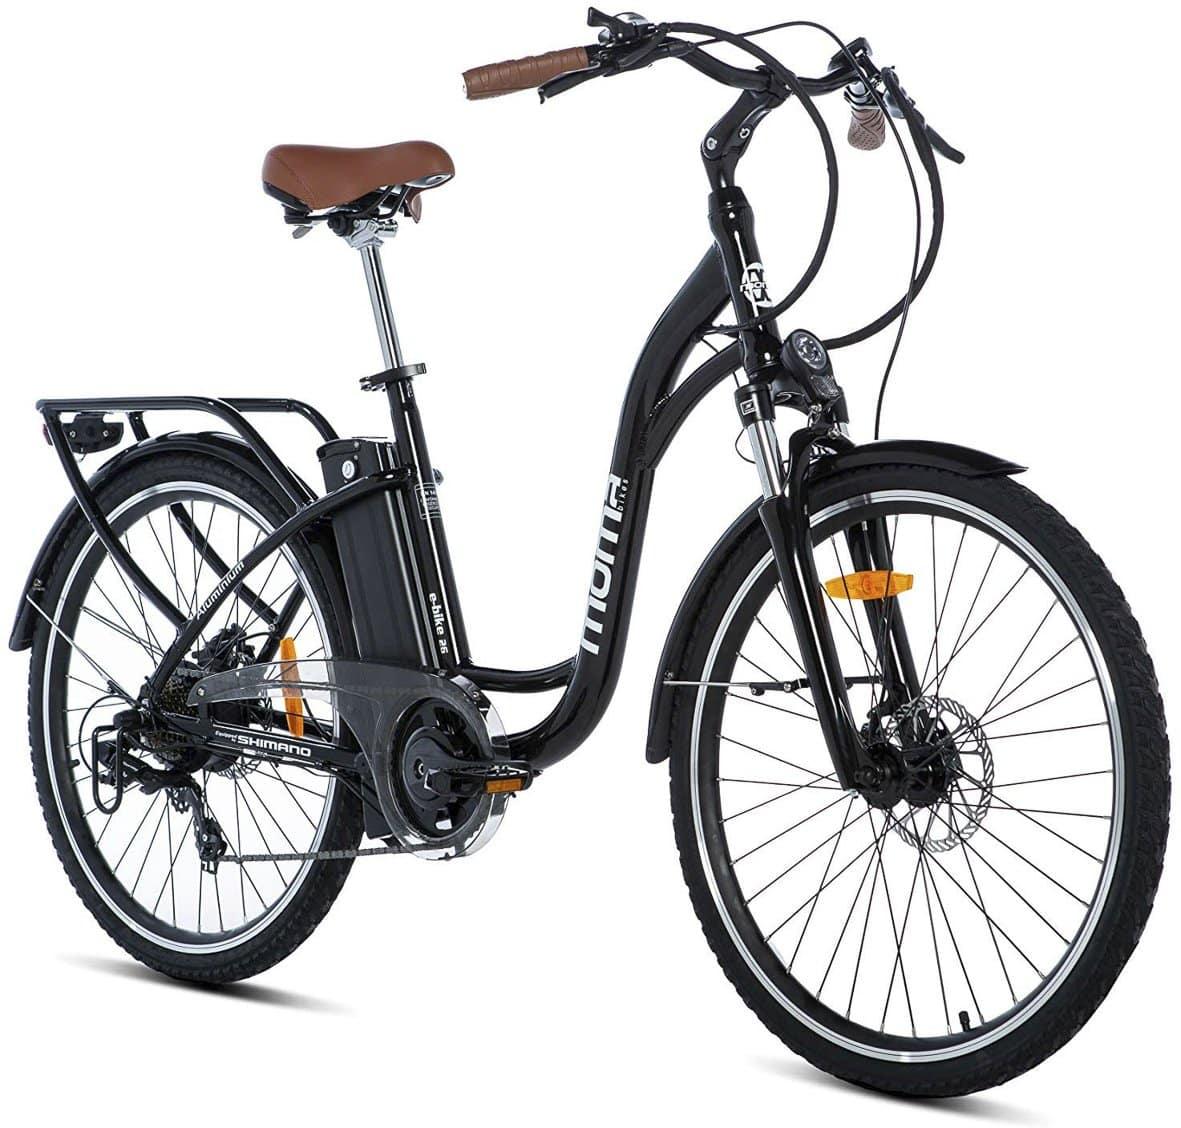 Moma bikes 26.2